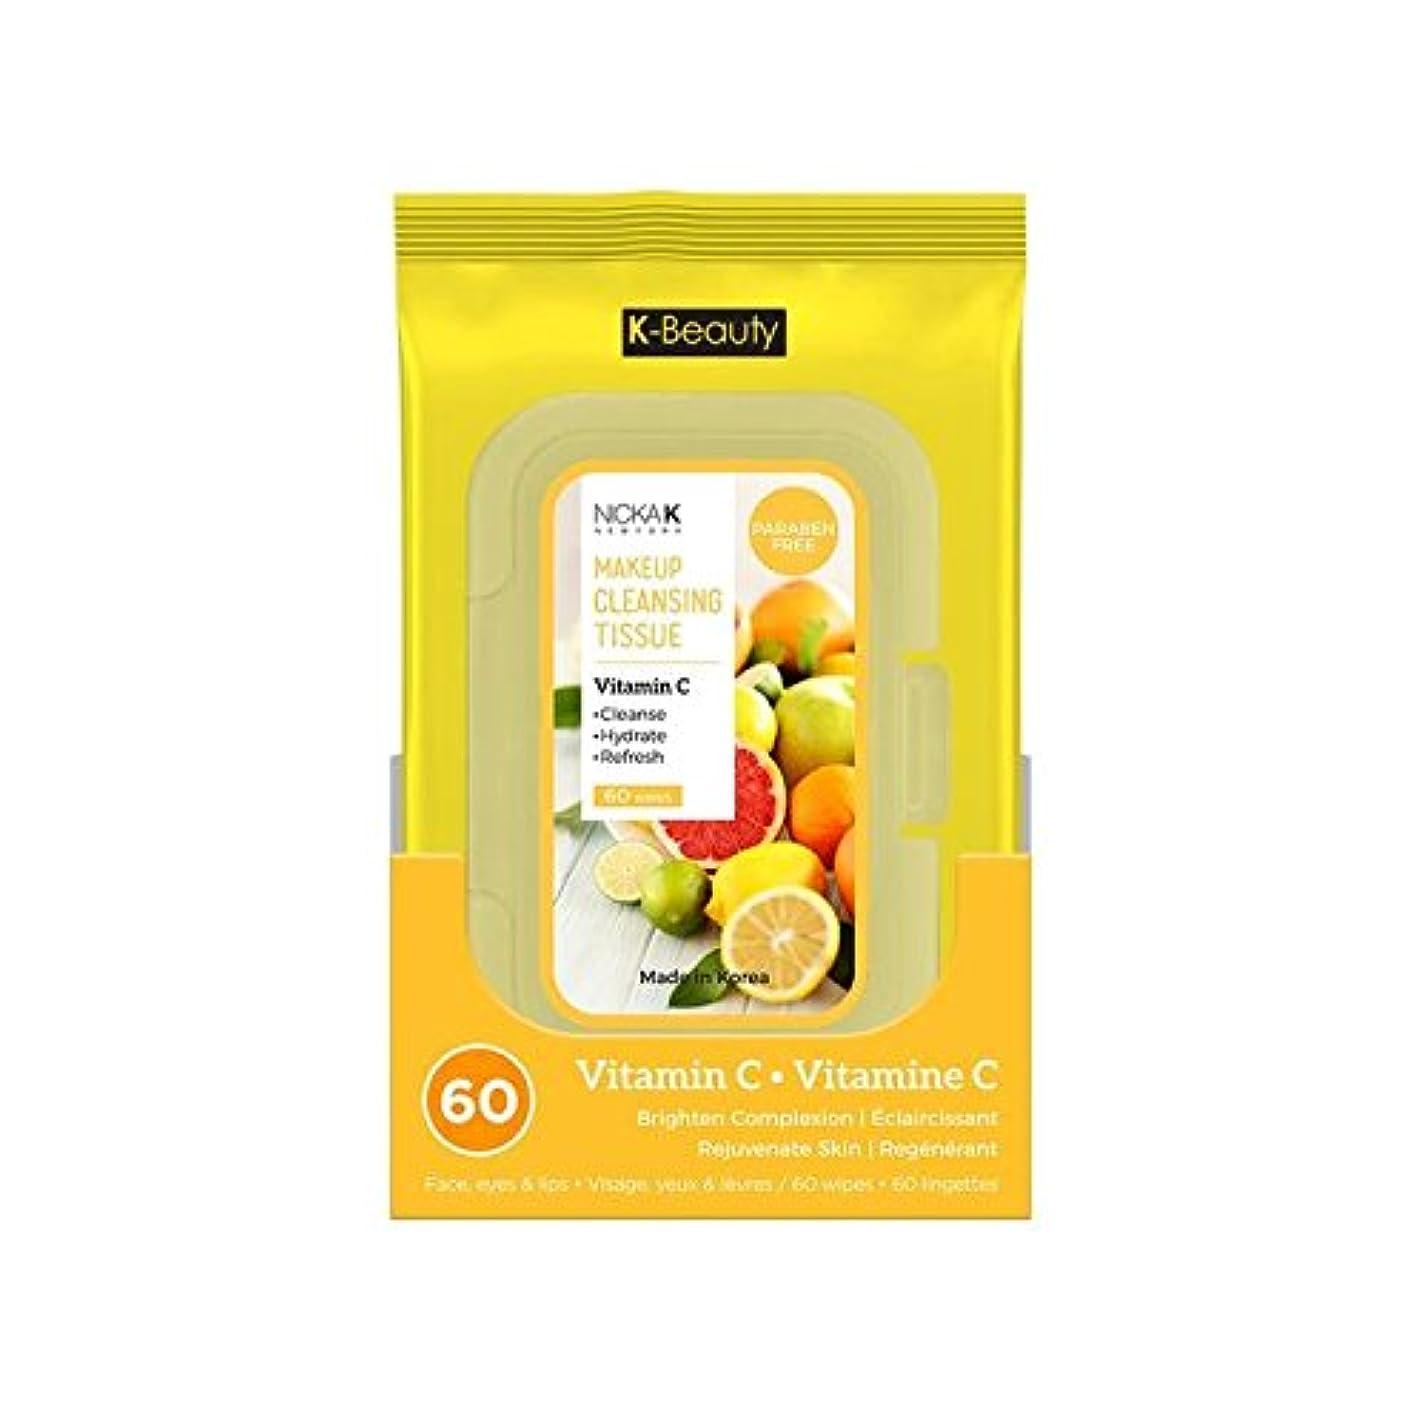 ハウス事故受動的(6 Pack) NICKA K Make Up Cleansing Tissue - Vitamin C (並行輸入品)